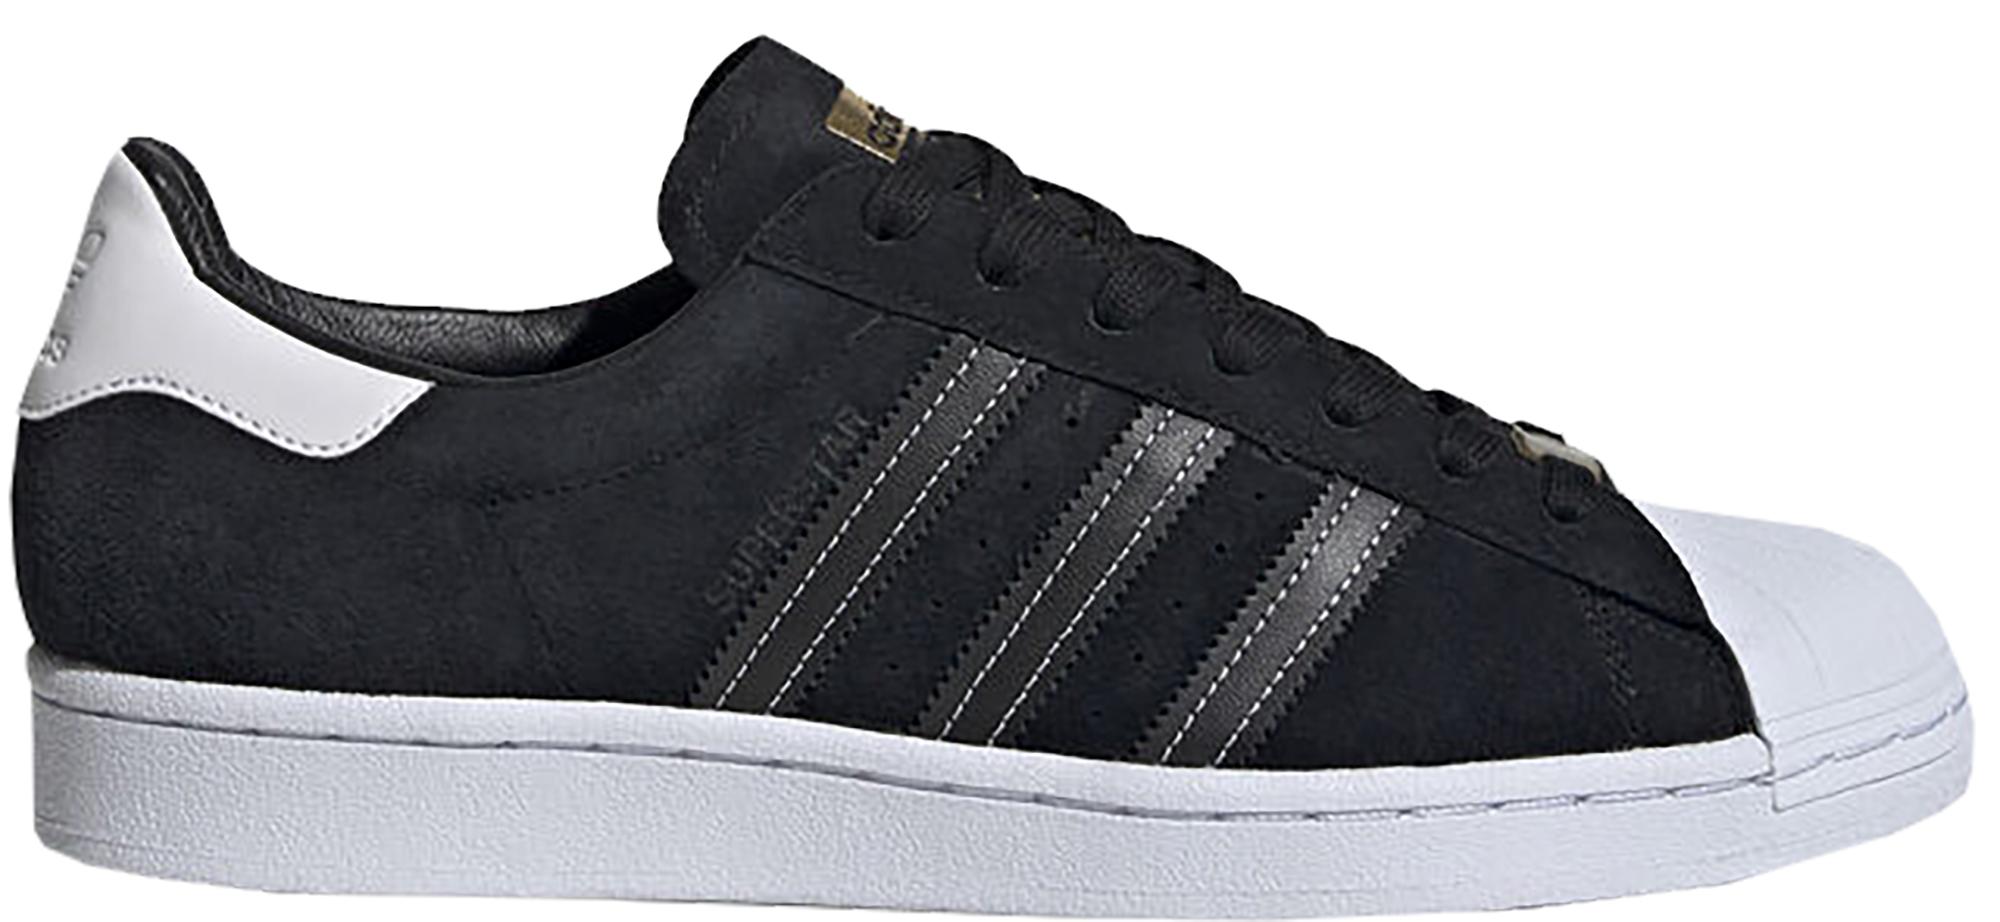 adidas Superstar Black Suede White - EH1543